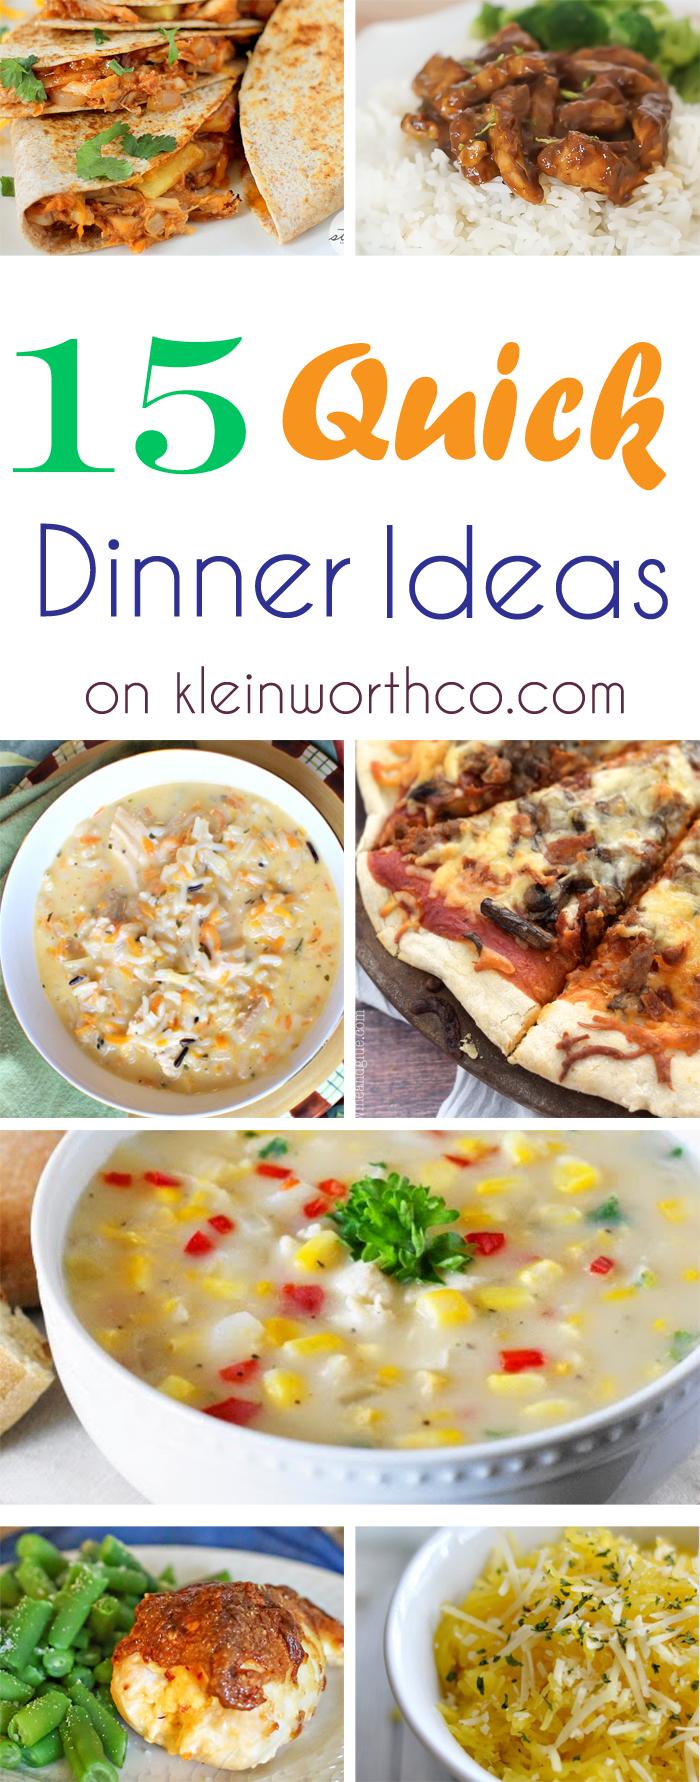 15 Quick Dinner Ideas : Easy Family Dinner Ideas